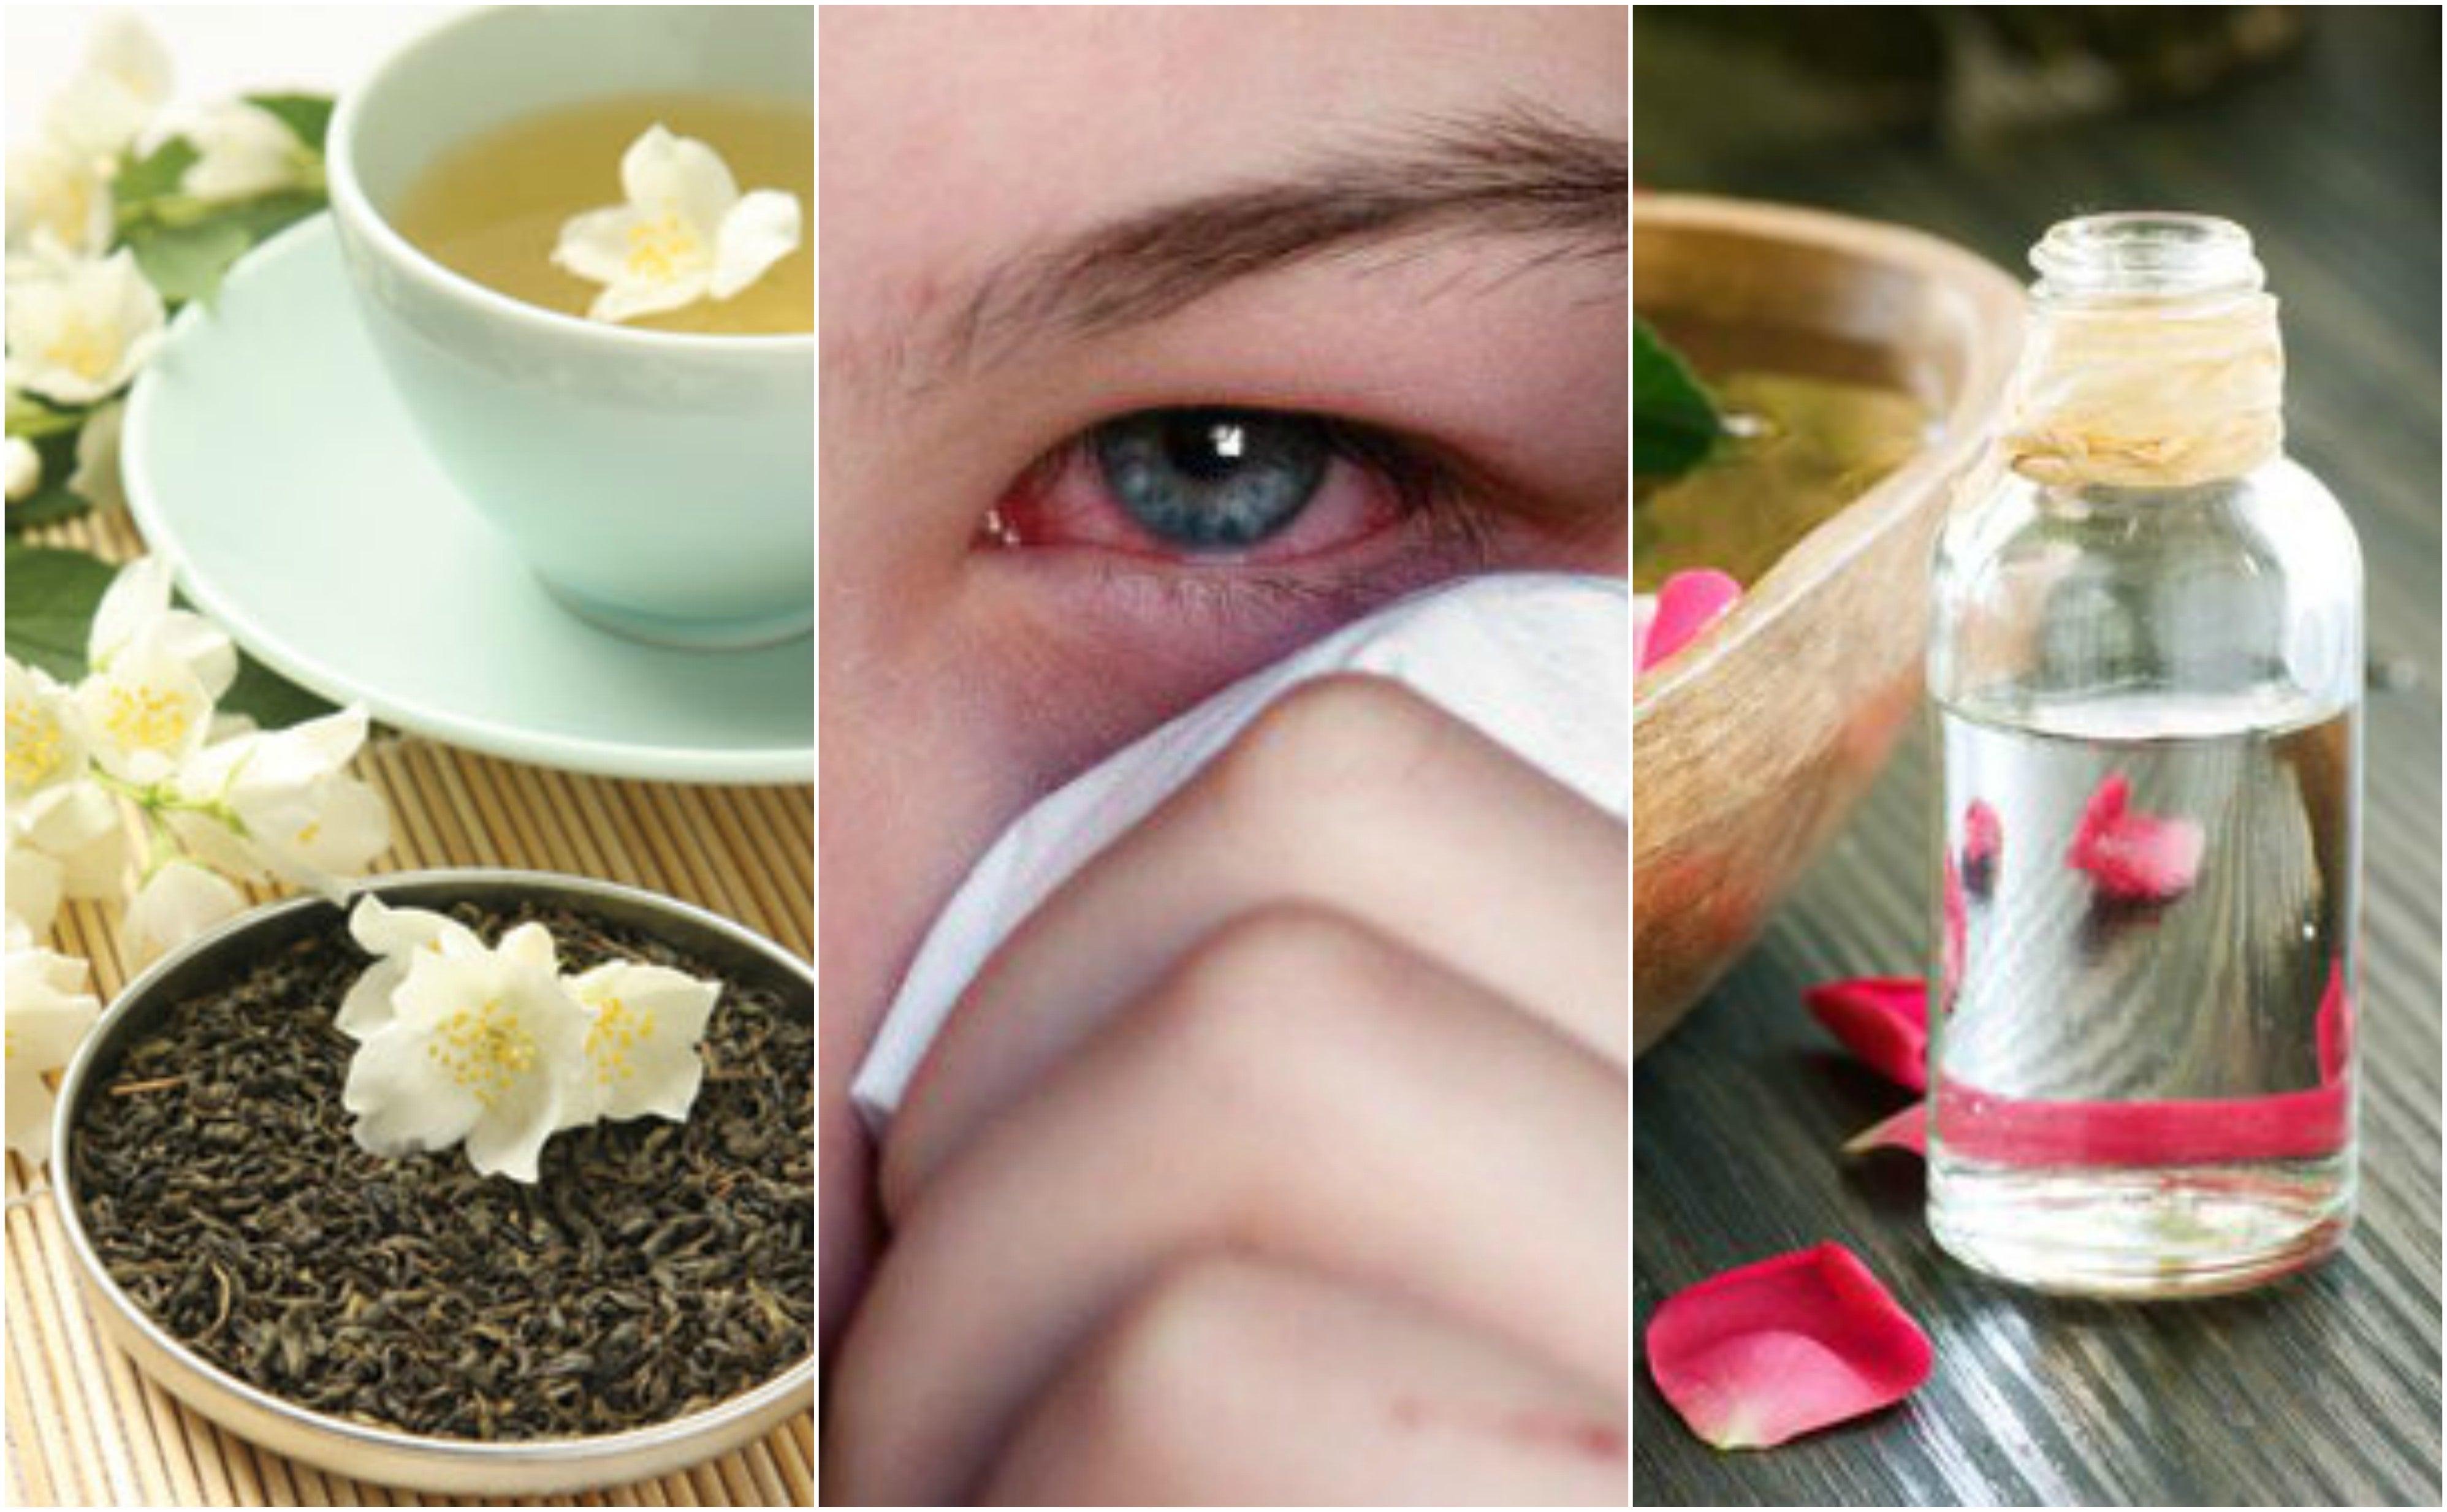 Cómo tratar las infecciones oculares con 5 remedios de origen natural